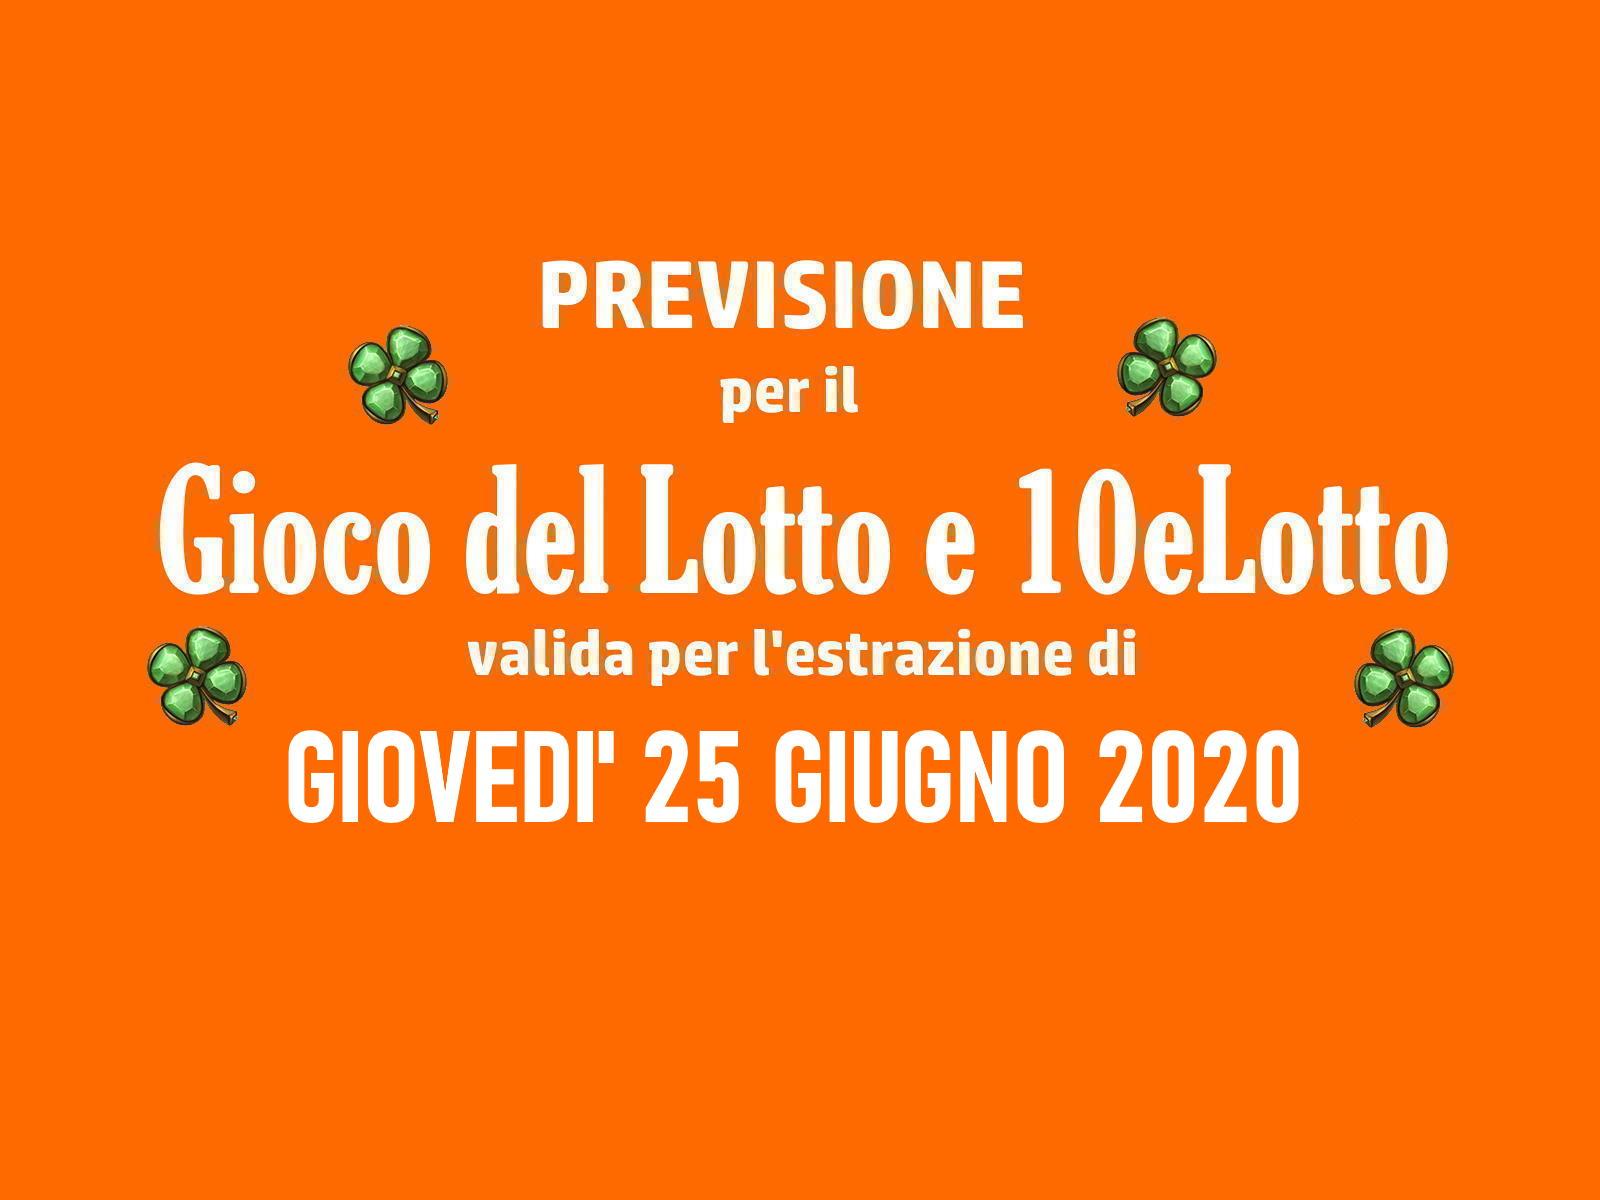 Previsione Lotto 25 Giugno 2020